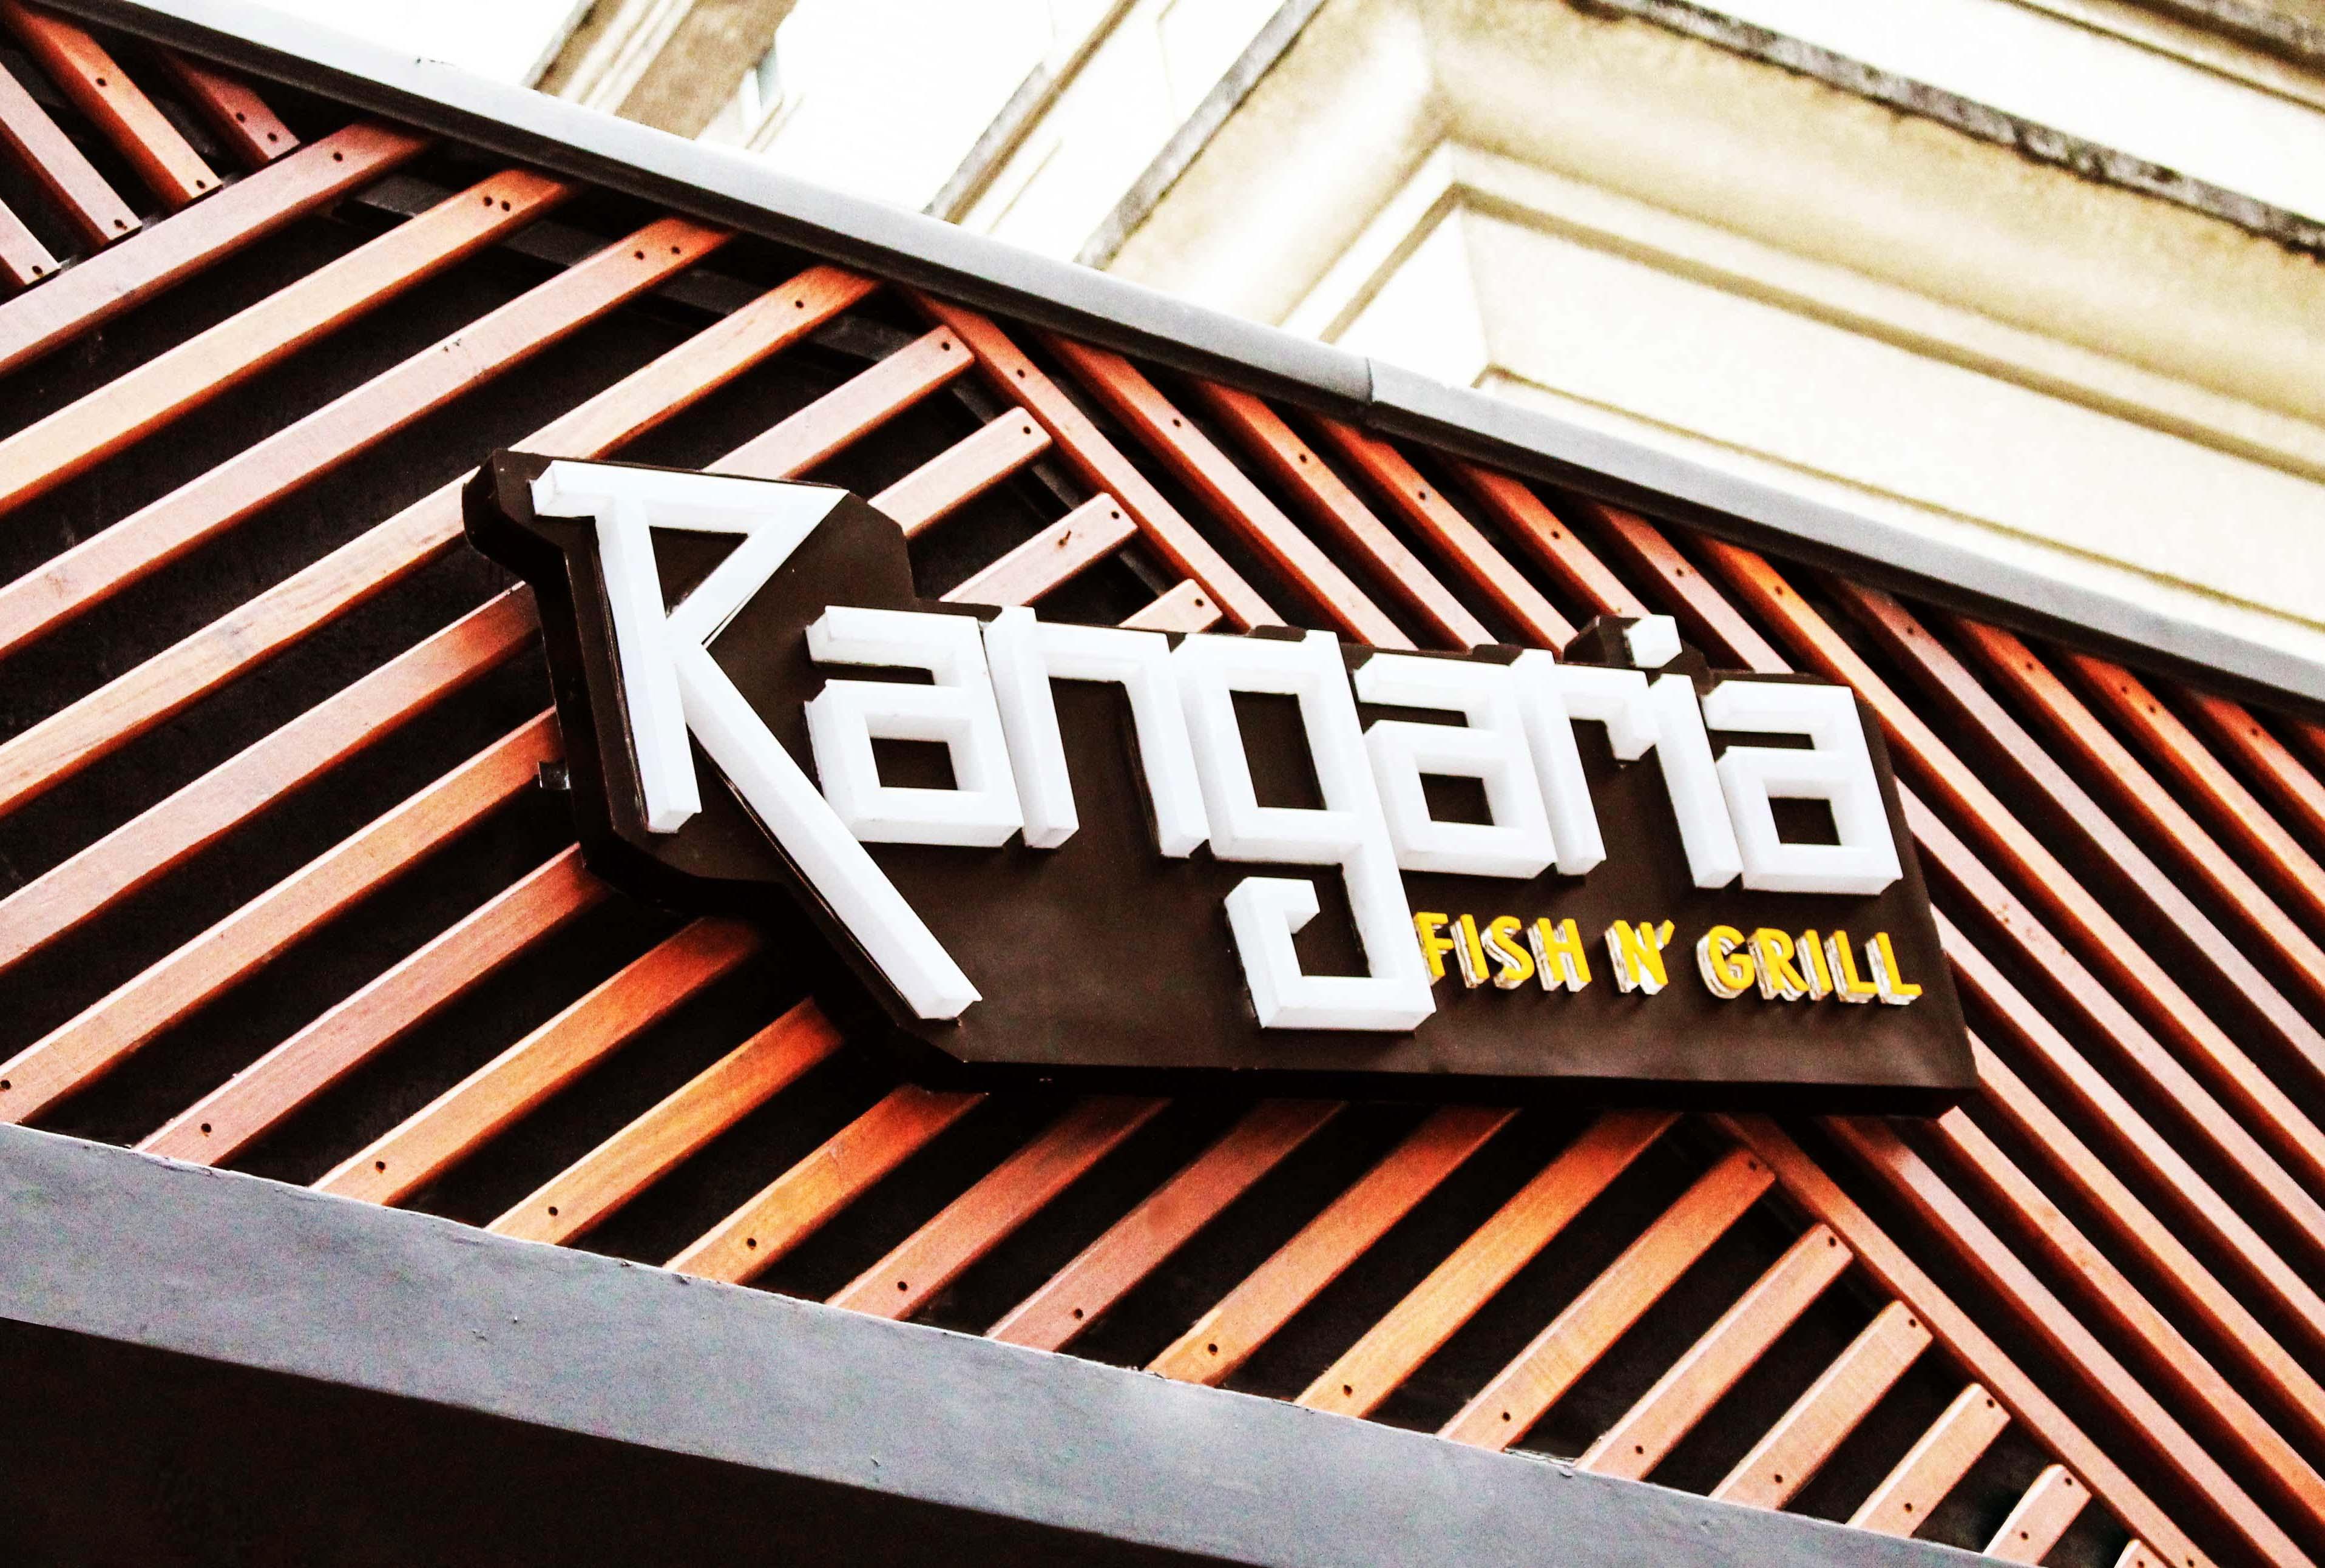 rangaria-fish-grill-marcenaria-design-logo-letreiro